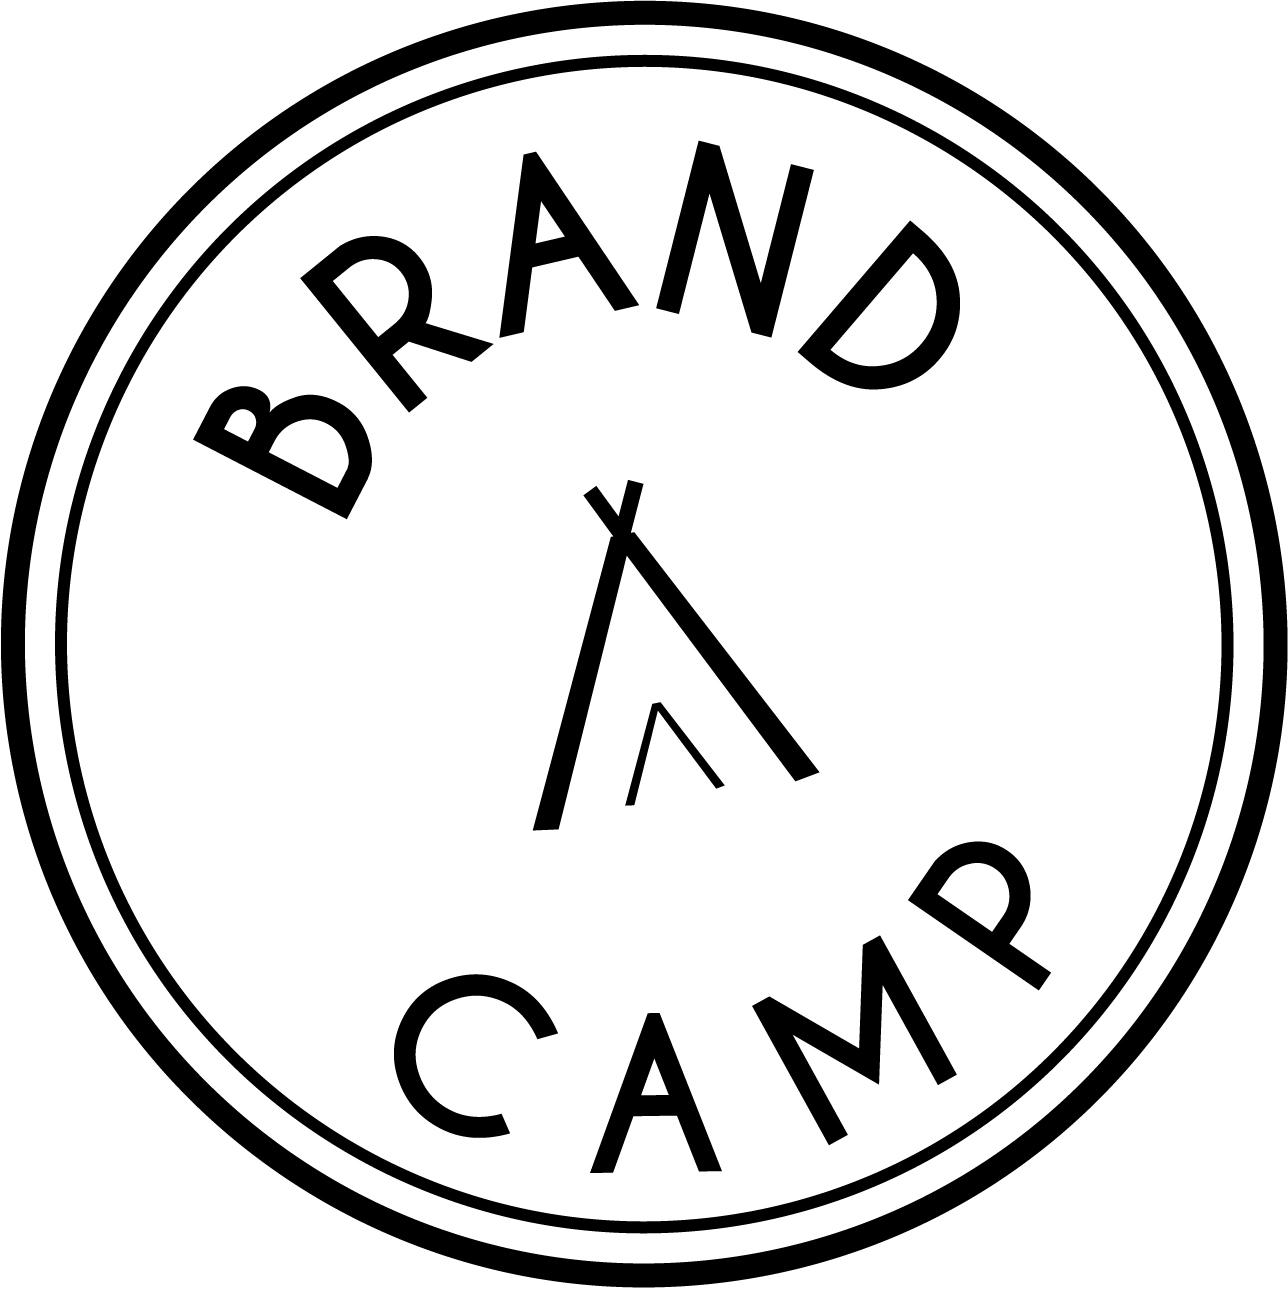 brand Camp.jpg